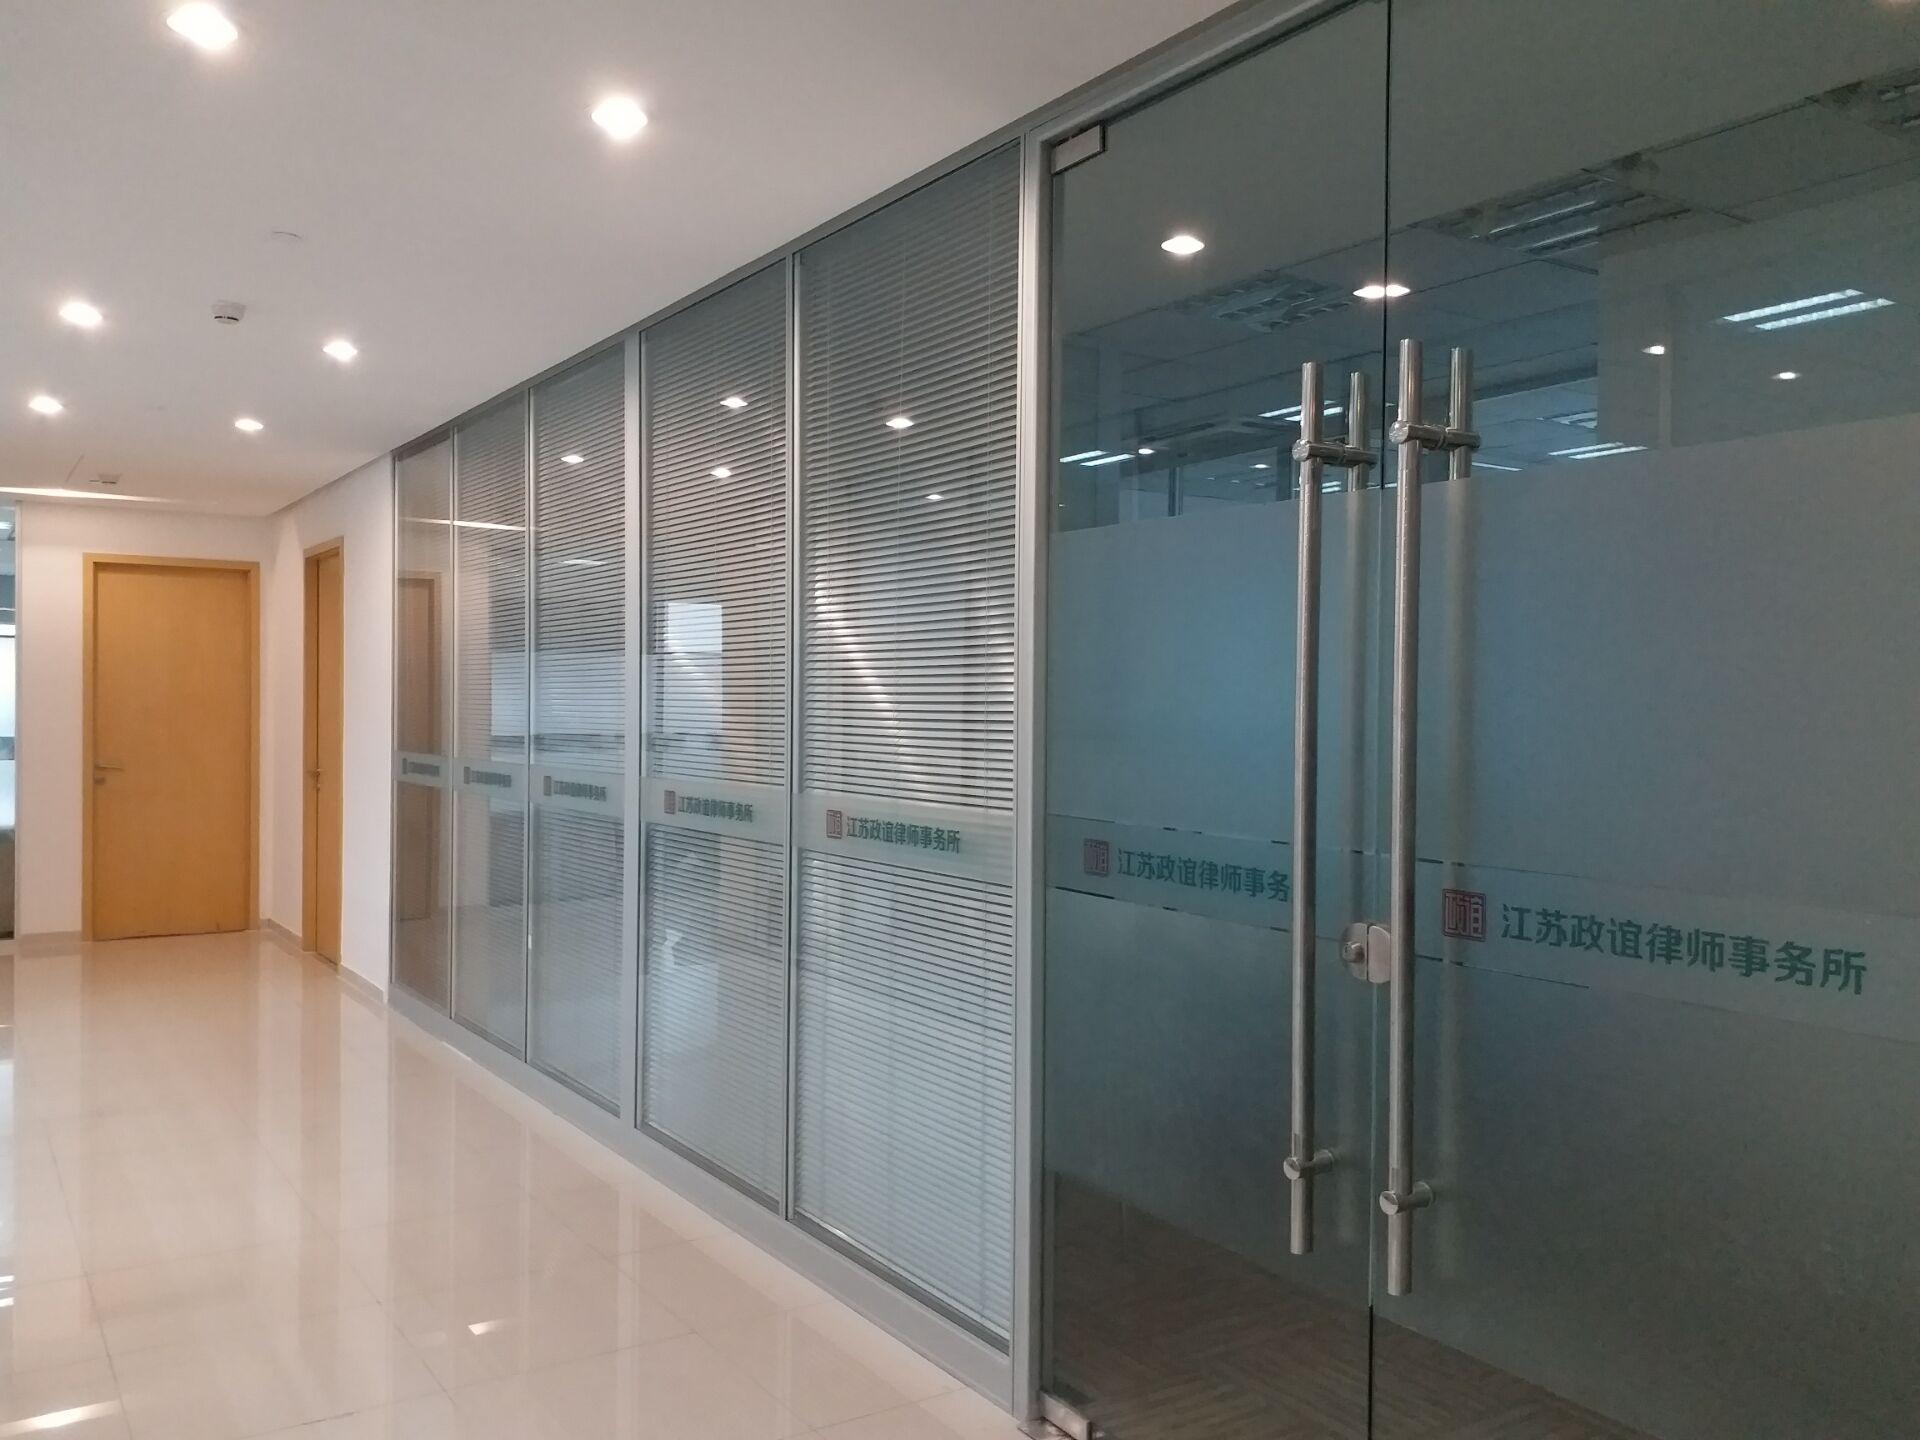 侧边单玻隔断墙办公室玻璃隔断玻璃百叶隔断墙欧心高隔图片